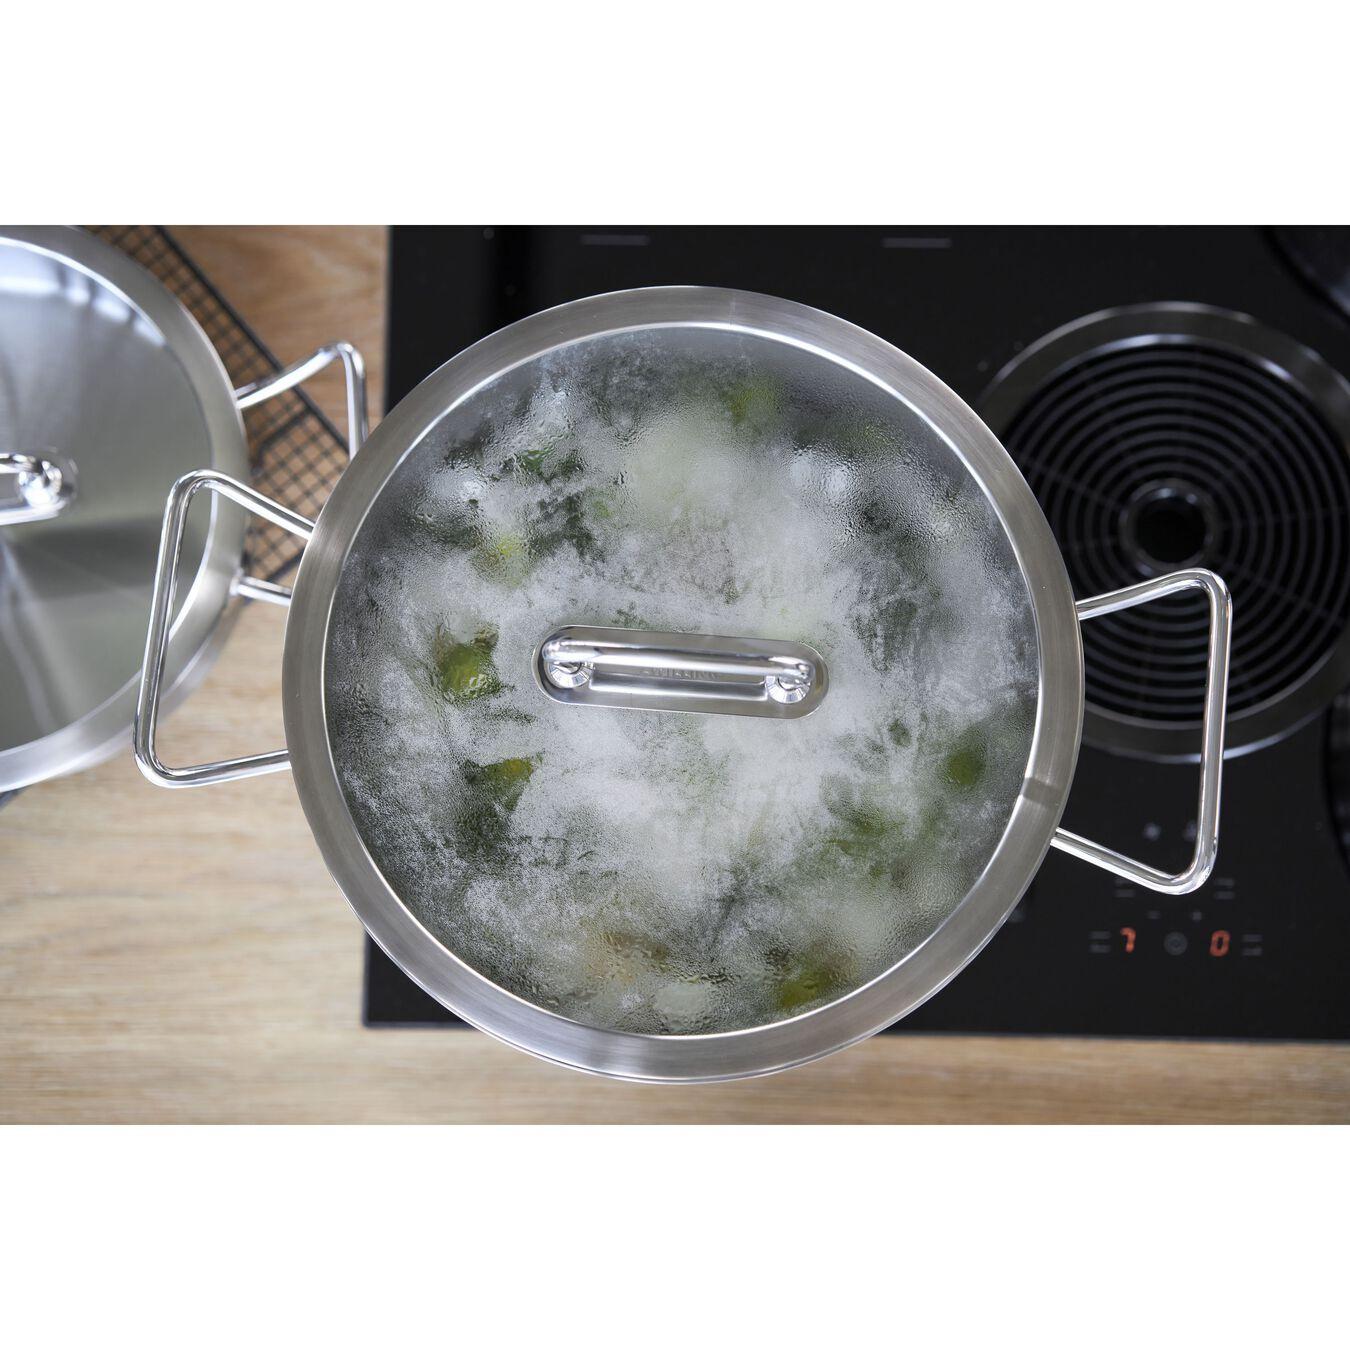 Suppegryde Højsidet 24 cm, 18/10 rustfrit stål,,large 7